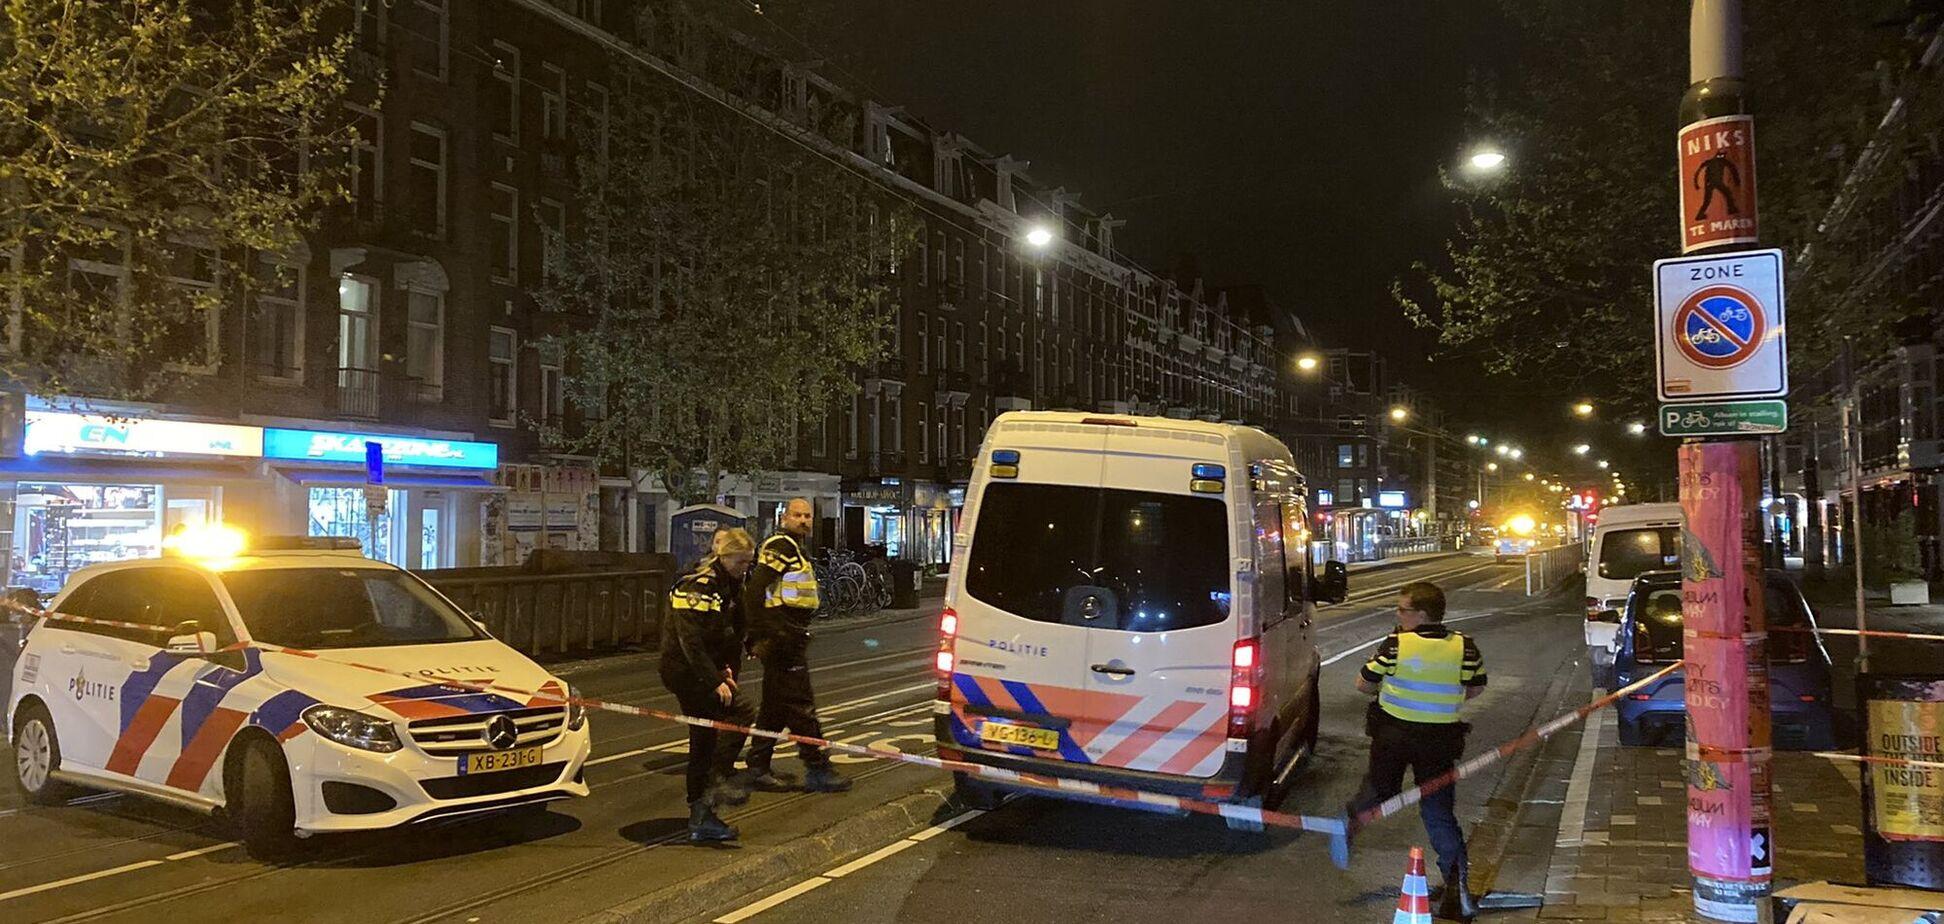 В Амстердаме мужчина на улице зарезал человека и ранил еще четверых